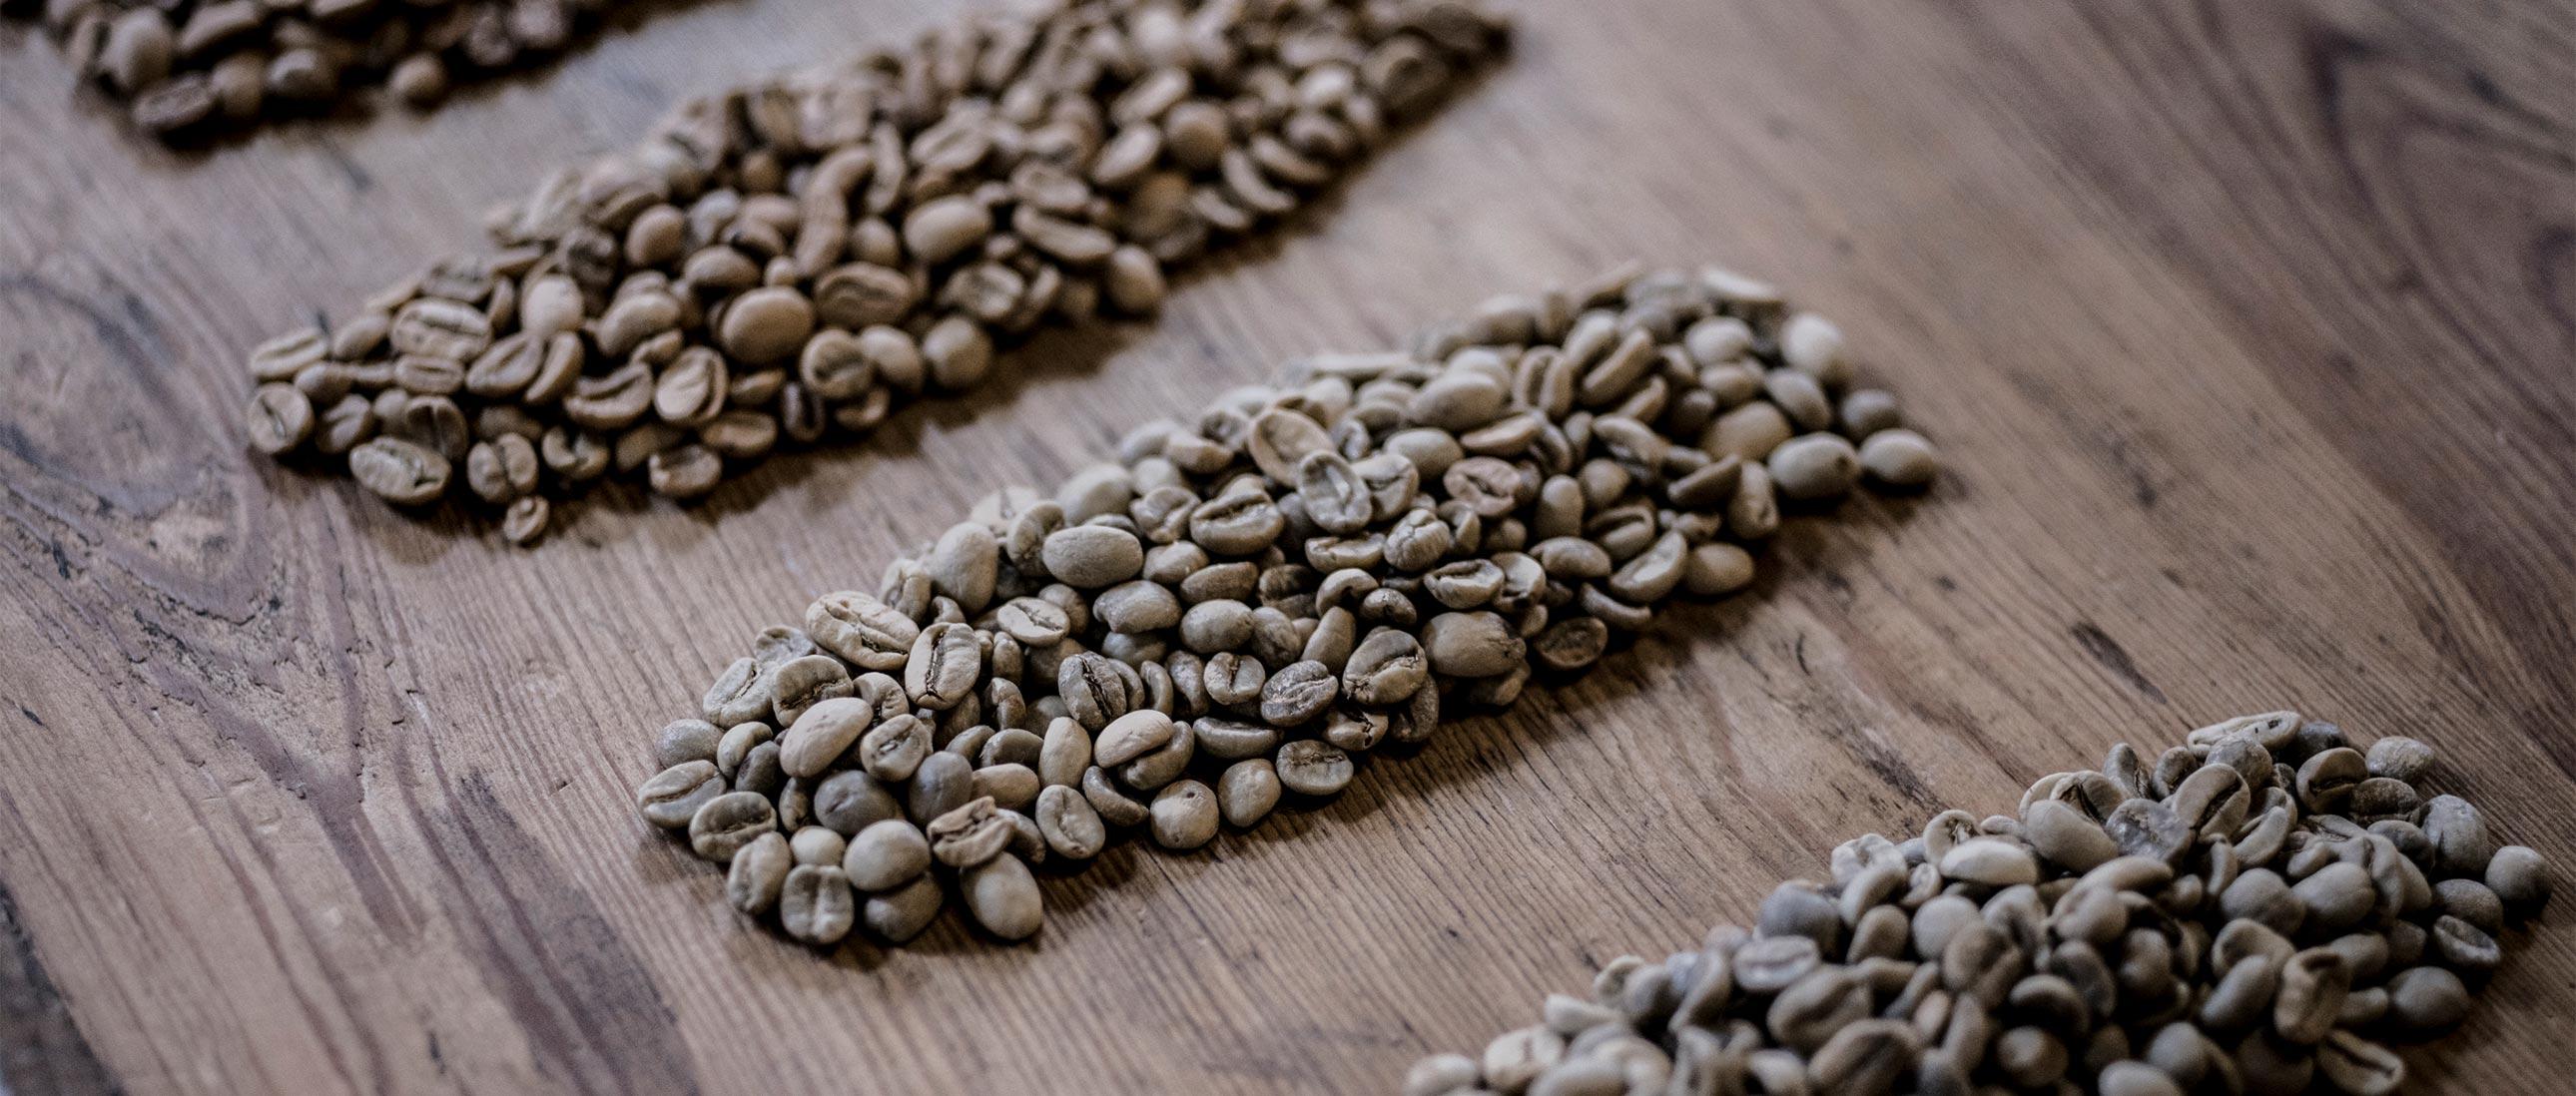 Bringt Sie der Extrakt aus grünen Kaffeebohnen dazu, mehr zu kacken?